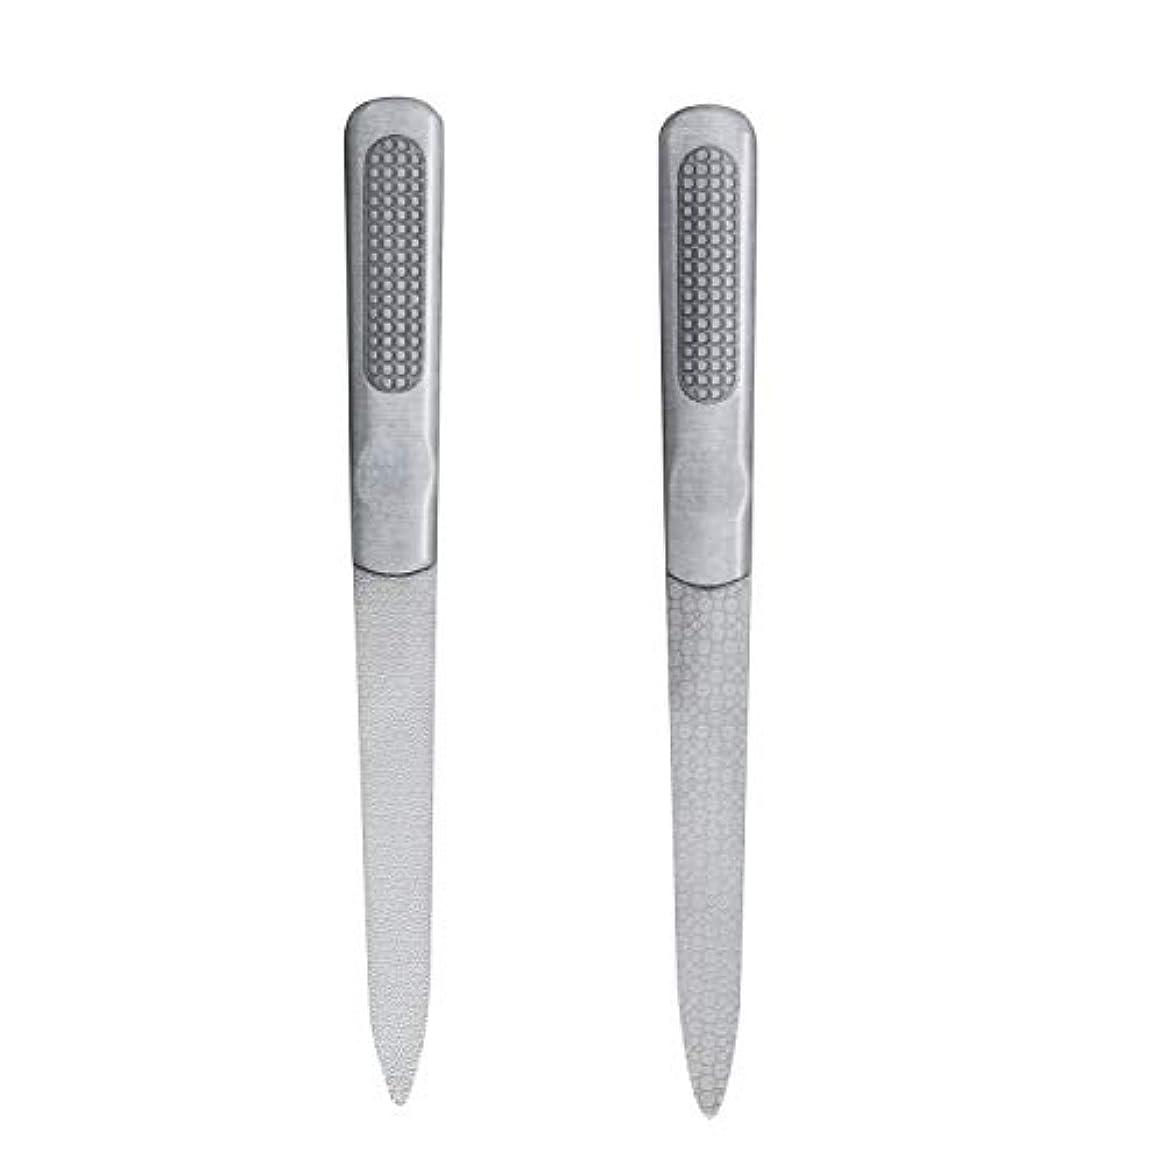 ネスト勝利必要CIPOW爪やすり 両面タイプ ステンレスつめ削り 滑り止めのハンドル 爪磨き 2セット